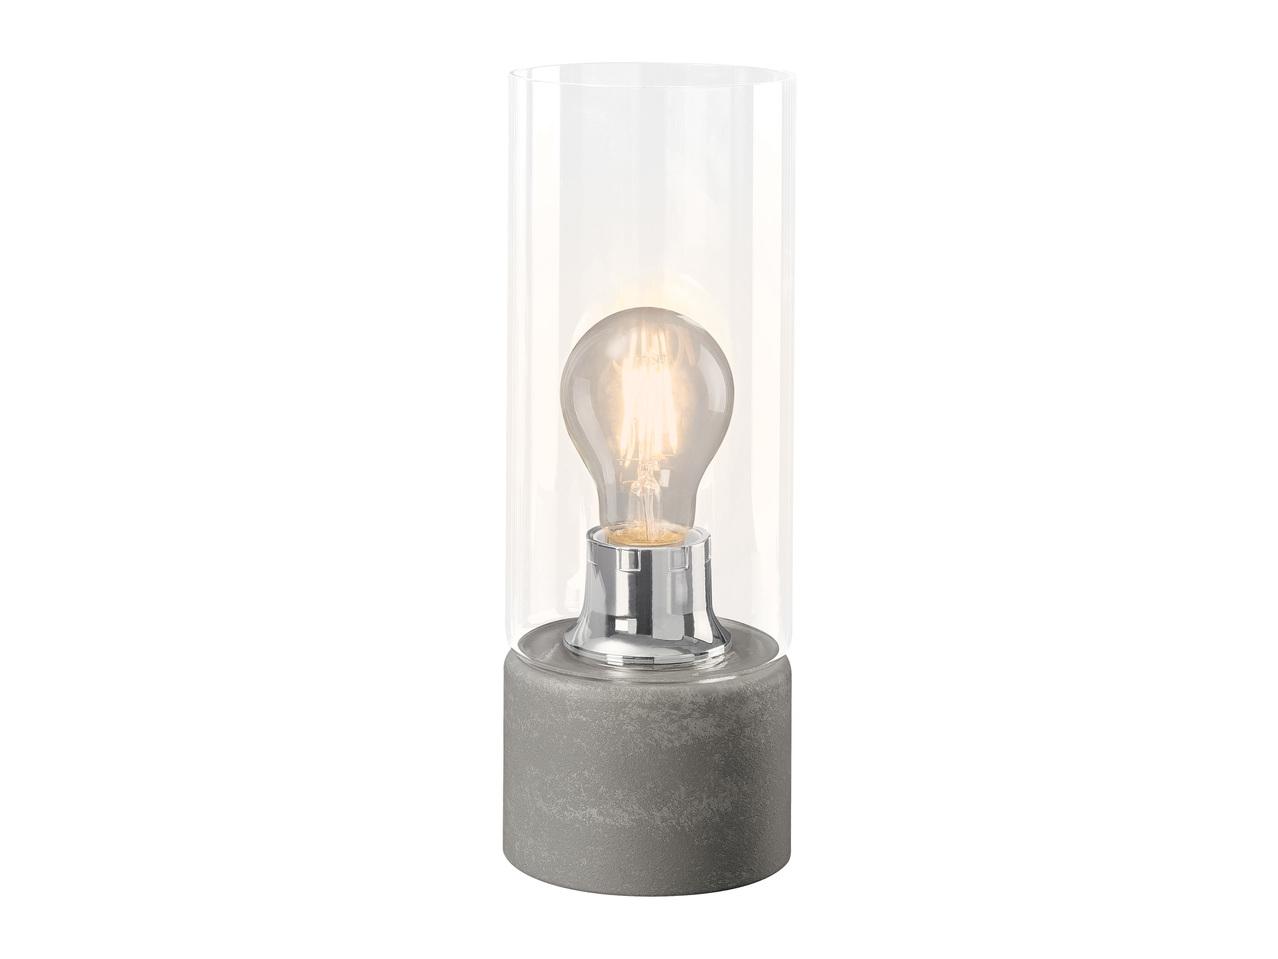 À Ajcq453rl Led Table Lidl Lampe De OwkNP8n0X